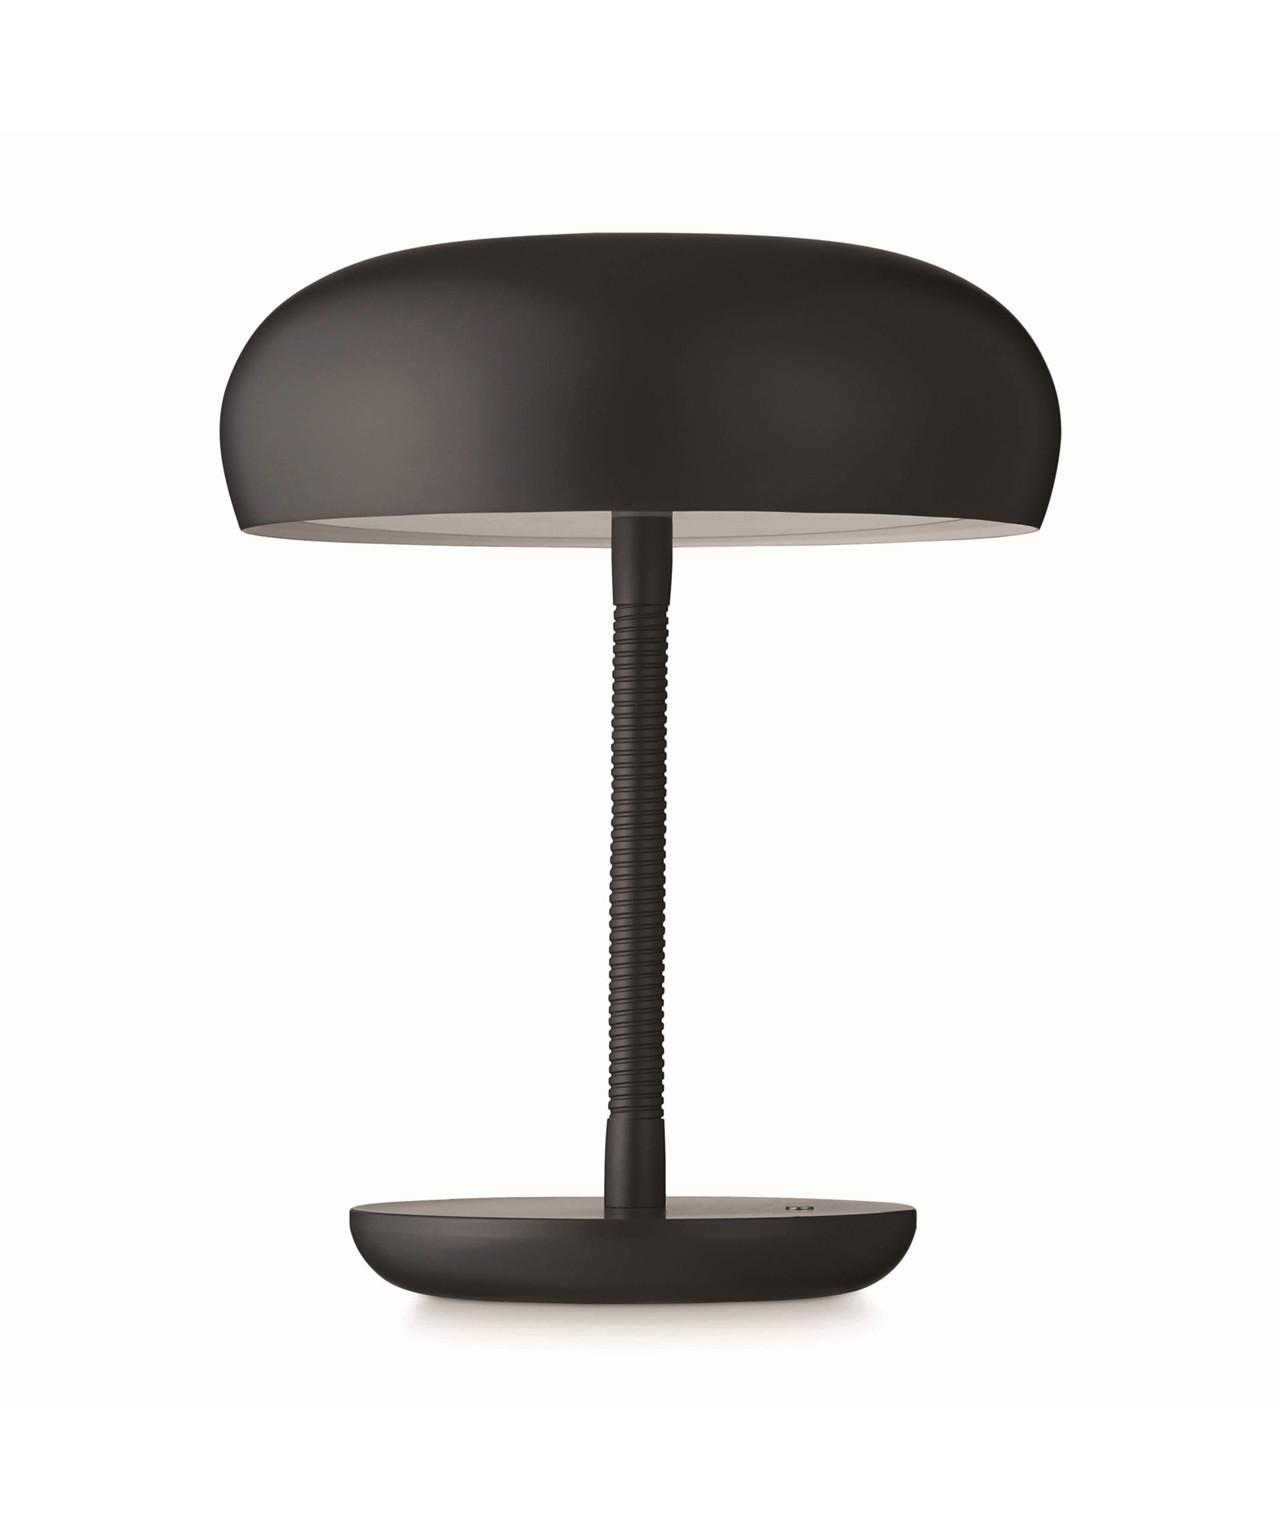 Bend bend bordlampe mørk grå